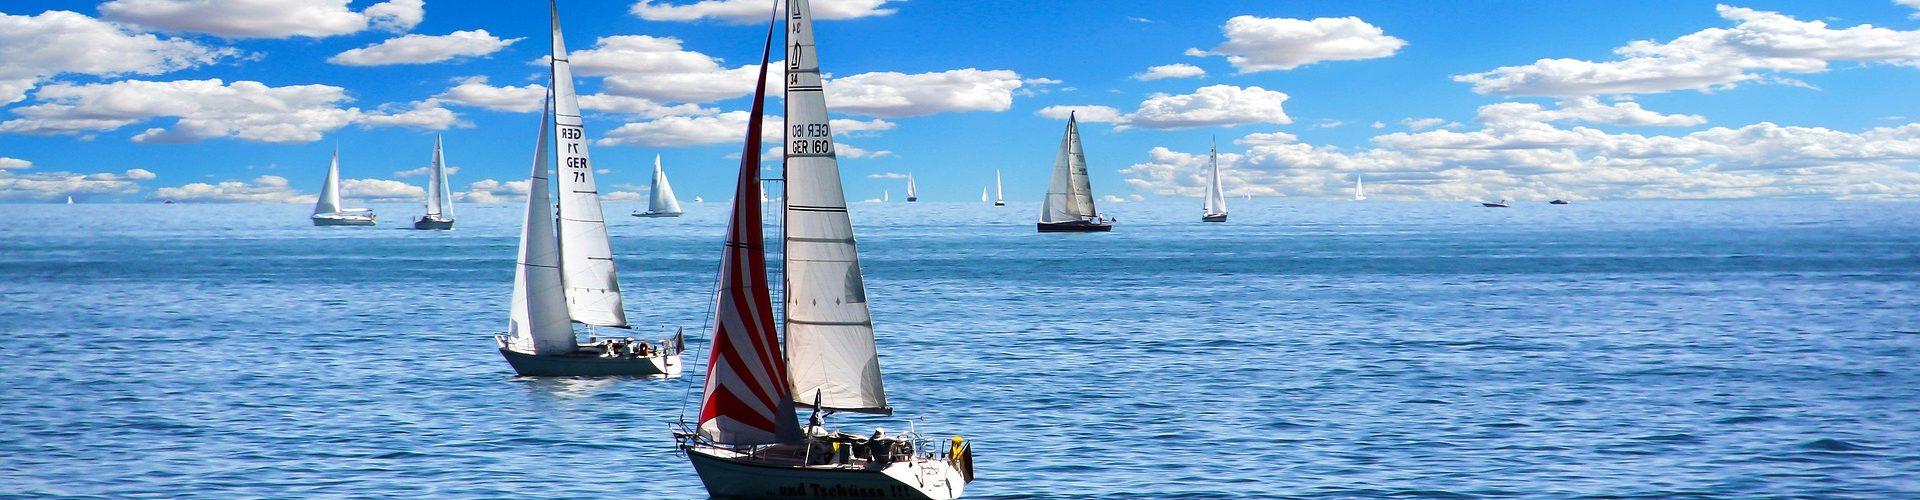 segeln lernen in Hennef segelschein machen in Hennef 1920x500 - Segeln lernen in Hennef